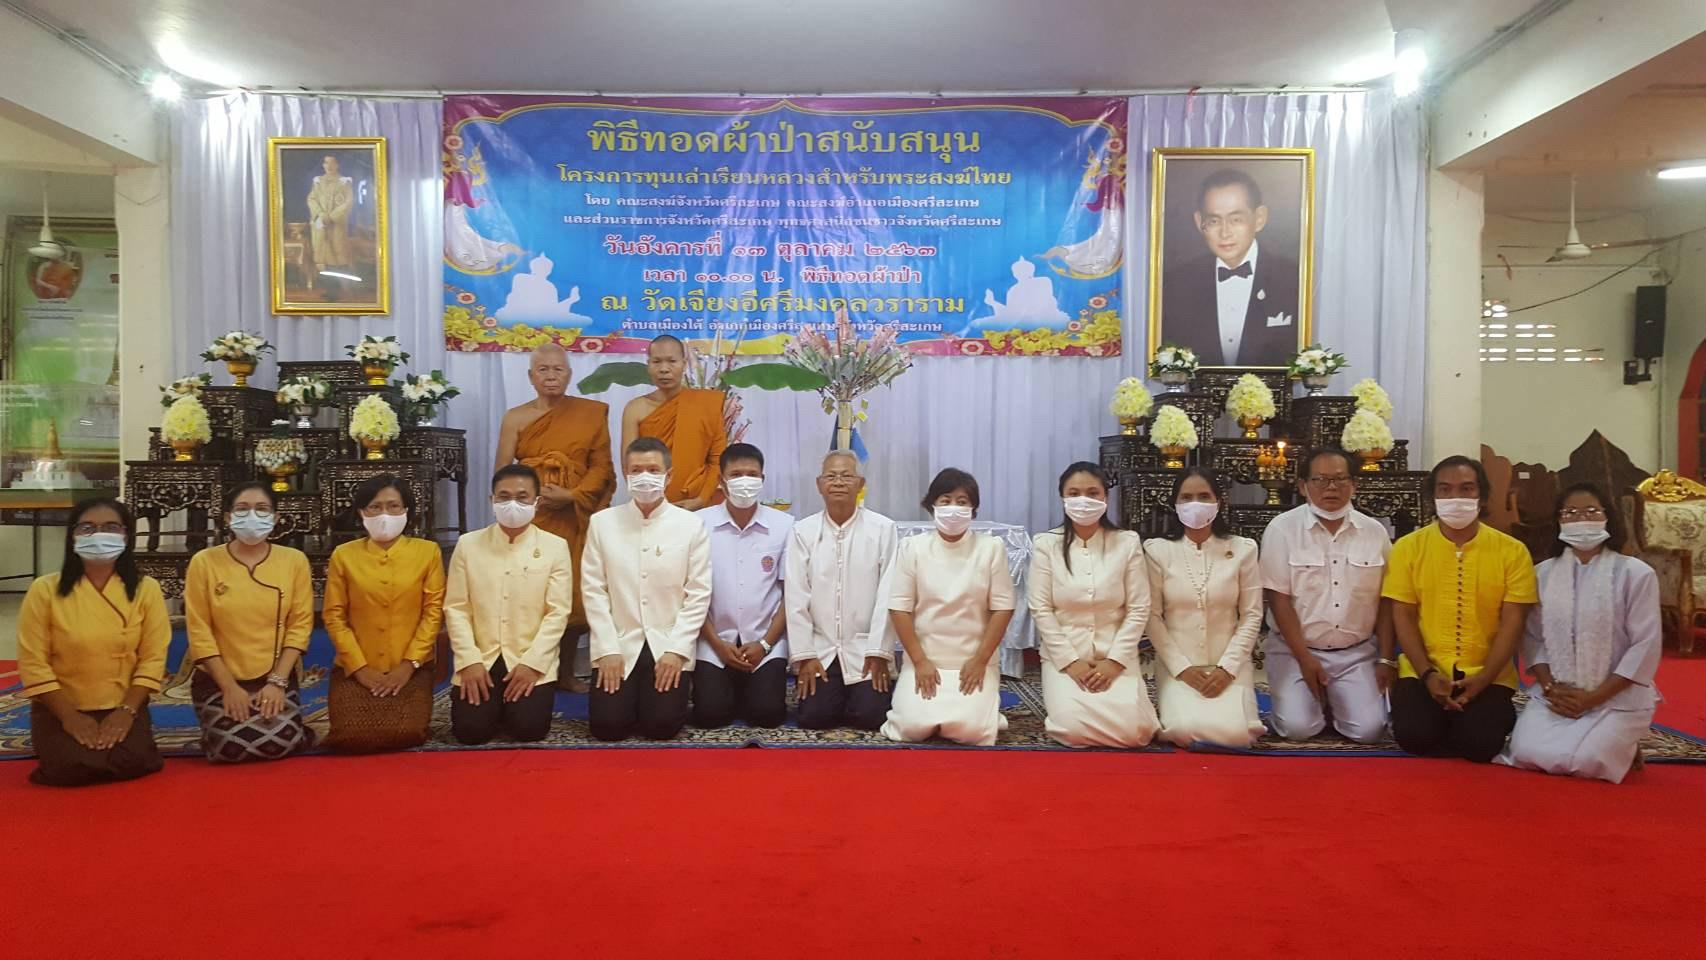 พิธีทอดผ้าป่าสนับสนุนโครงการทุนเล่าเรียนหลวงสำหรับพระสงฆ์ไทย